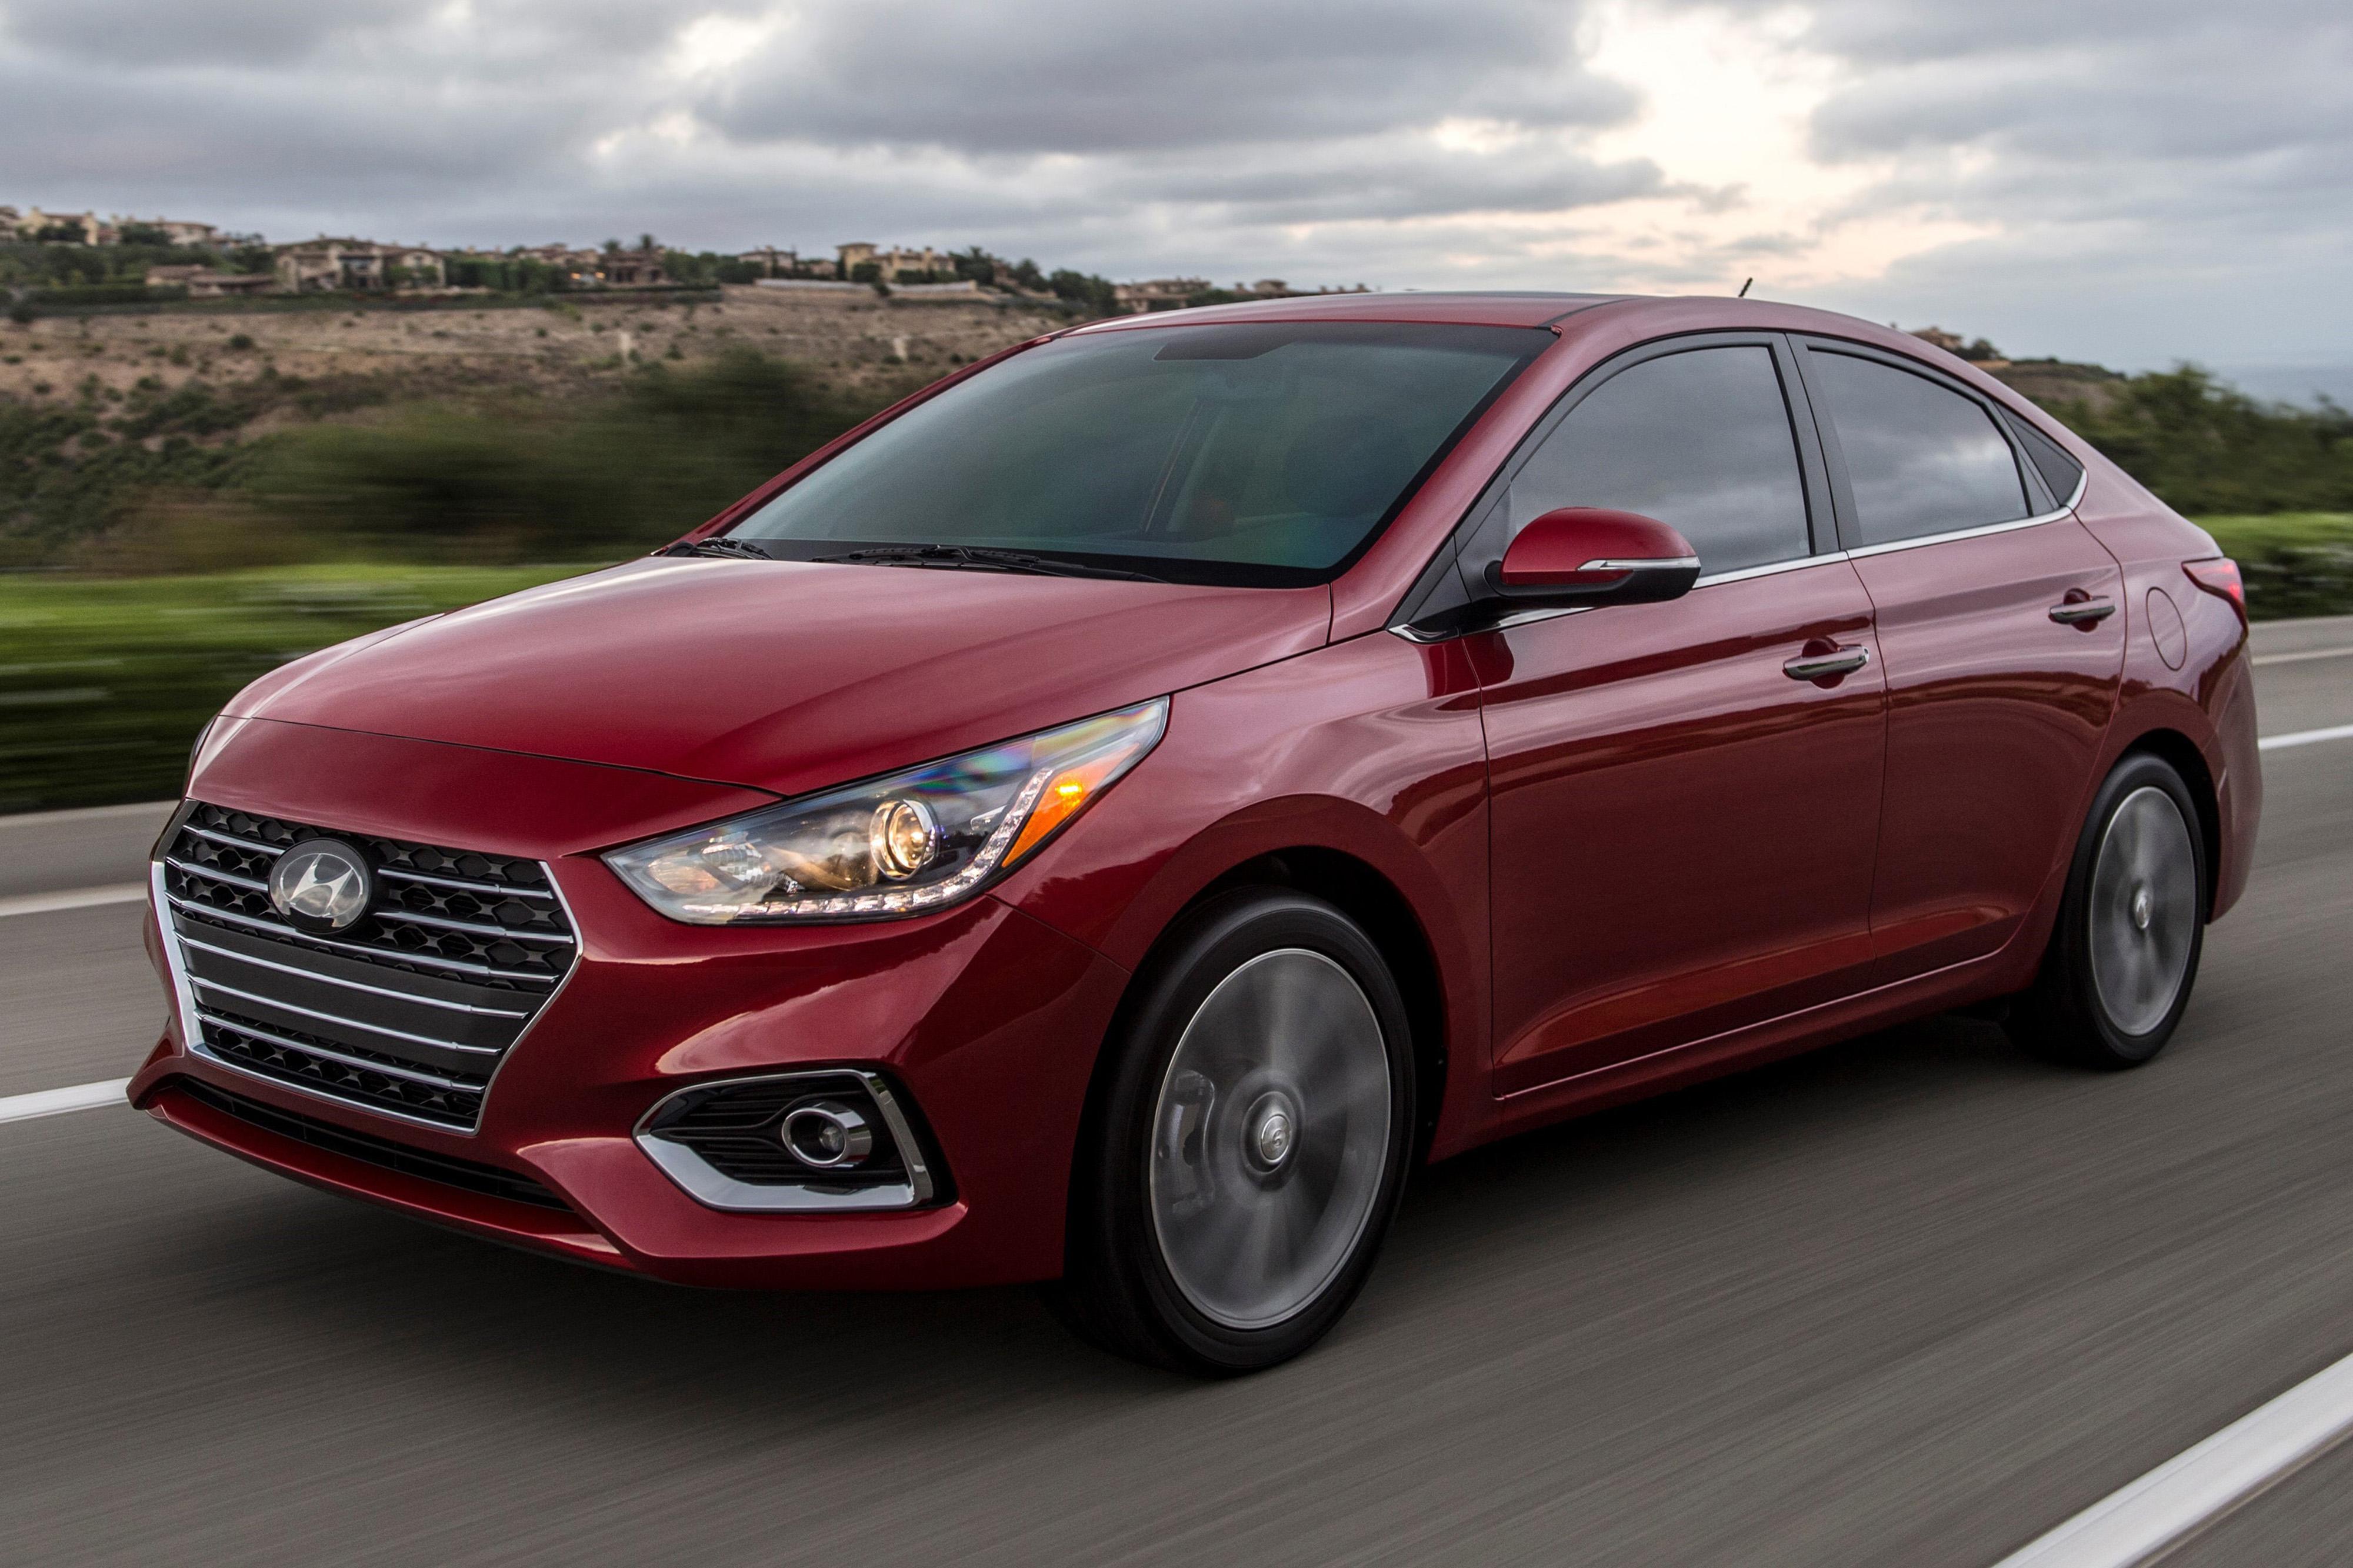 2020 Hyundai Accent Gets Big Mileage Boost, Small Price Bump